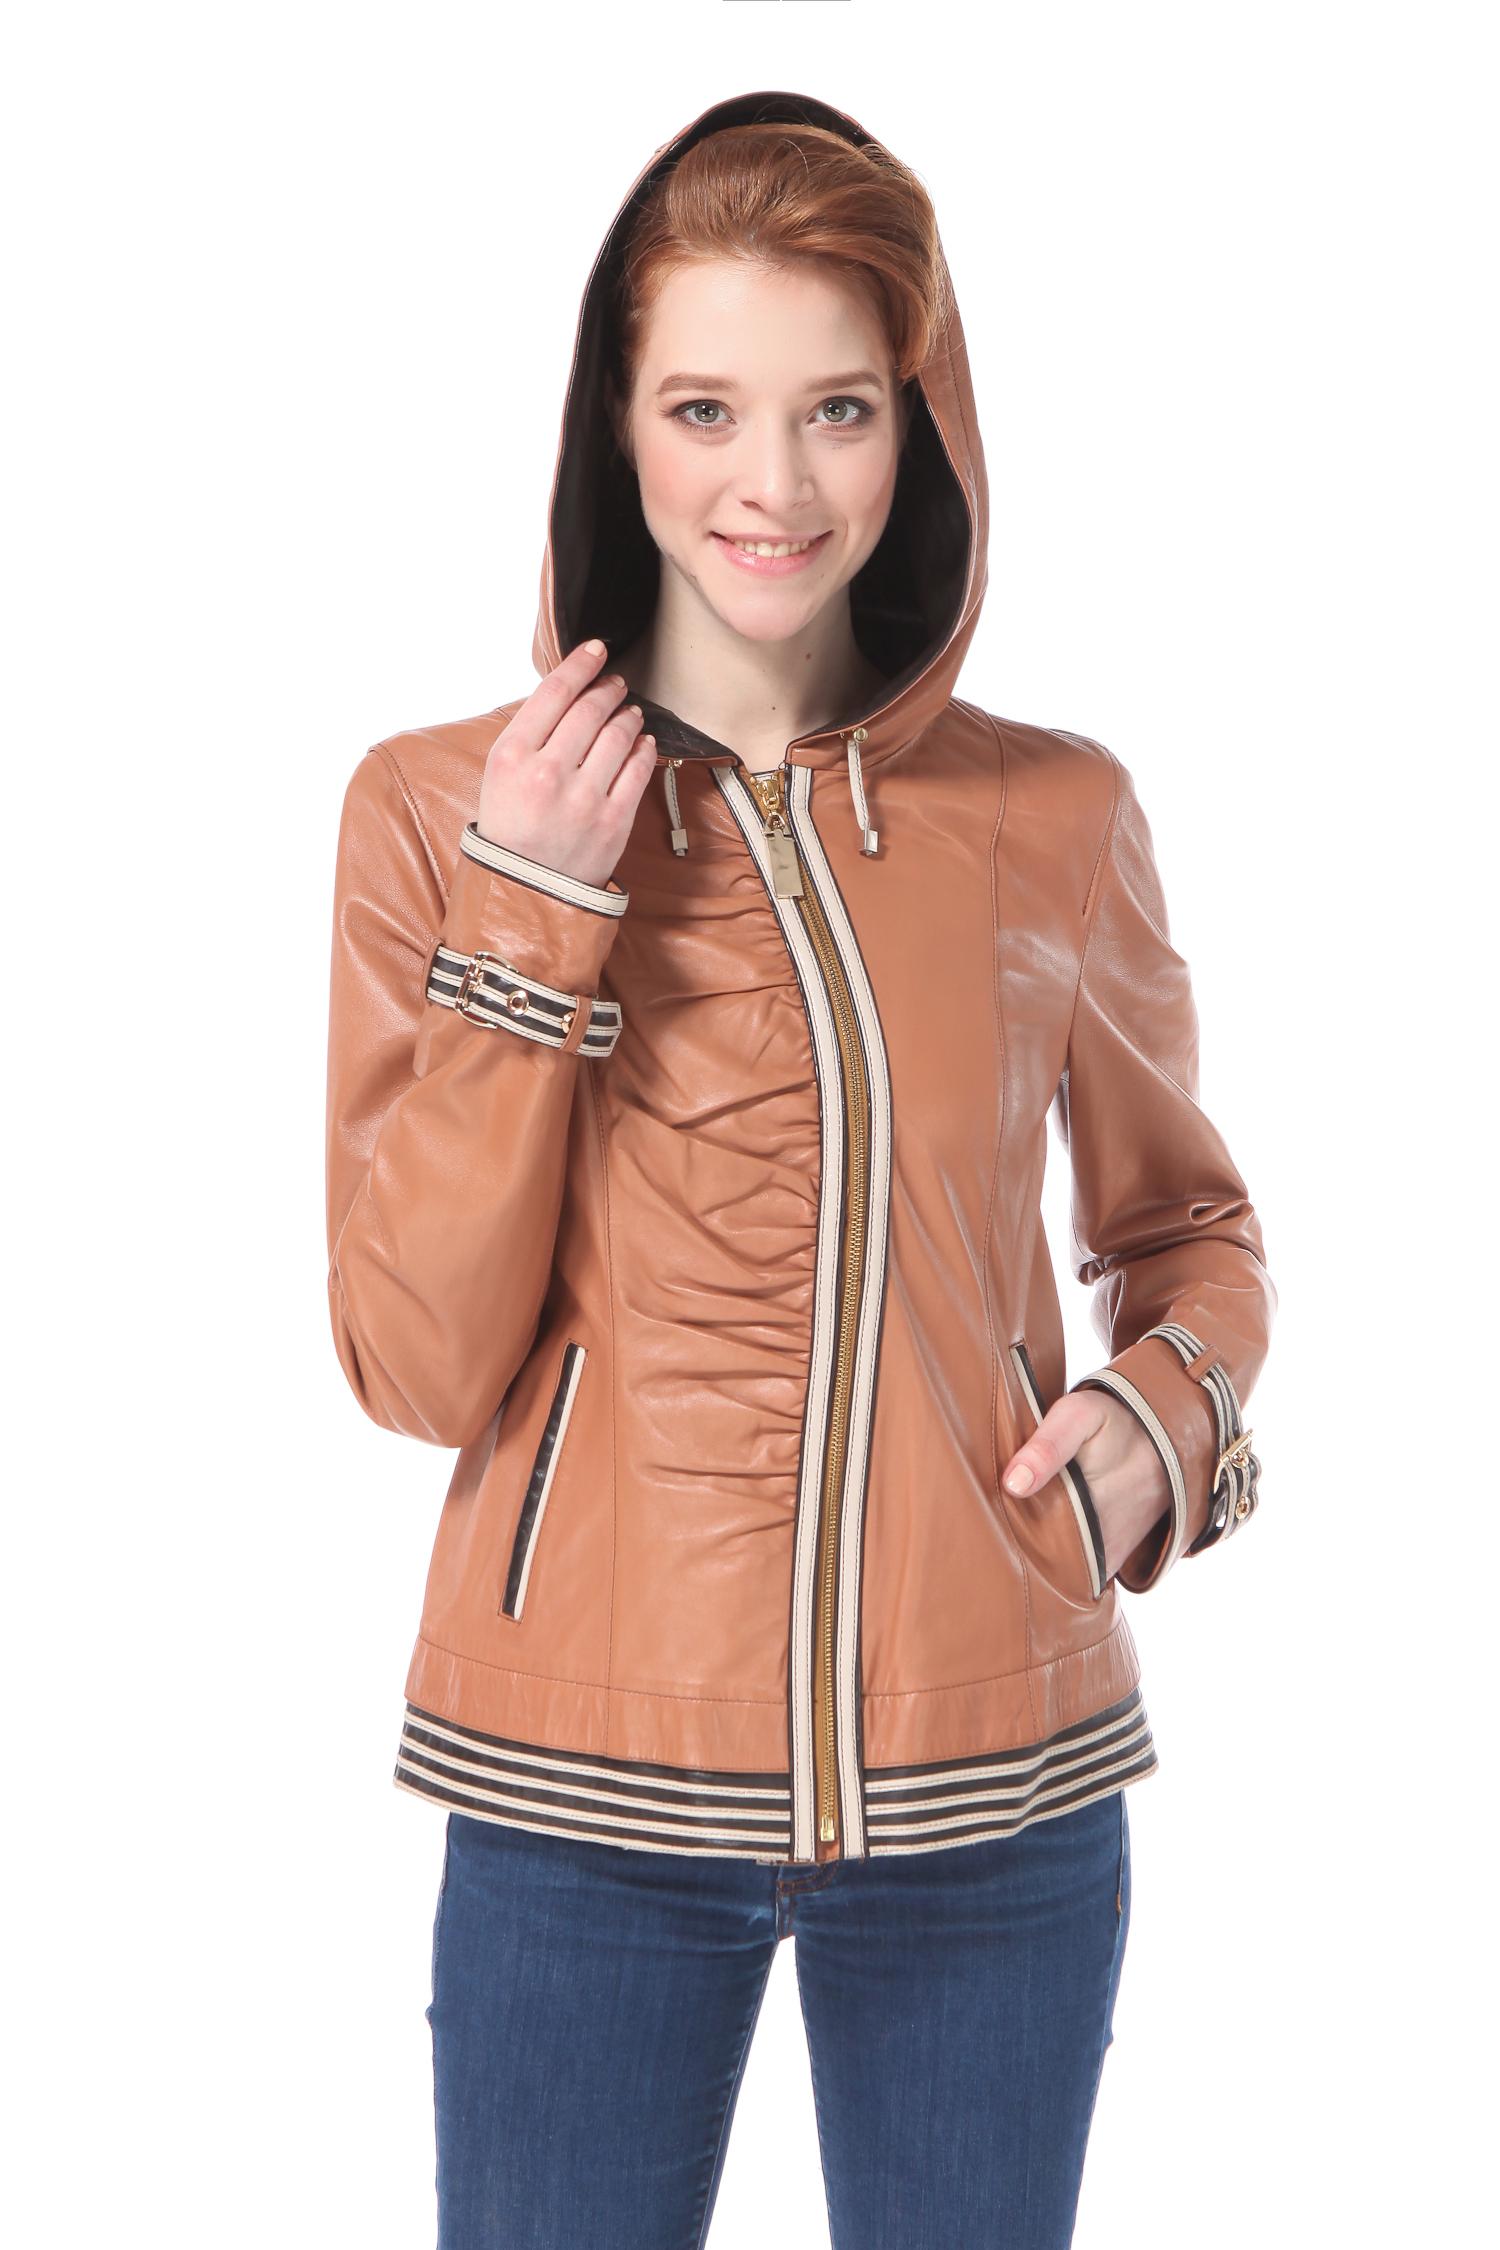 Женская кожаная куртка из натуральной кожи с капюшоном, без отделки<br><br>Длина см: 60<br>Материал: Натуральная кожа<br>Цвет: Бежевый/коричневый<br>Пол: Женский